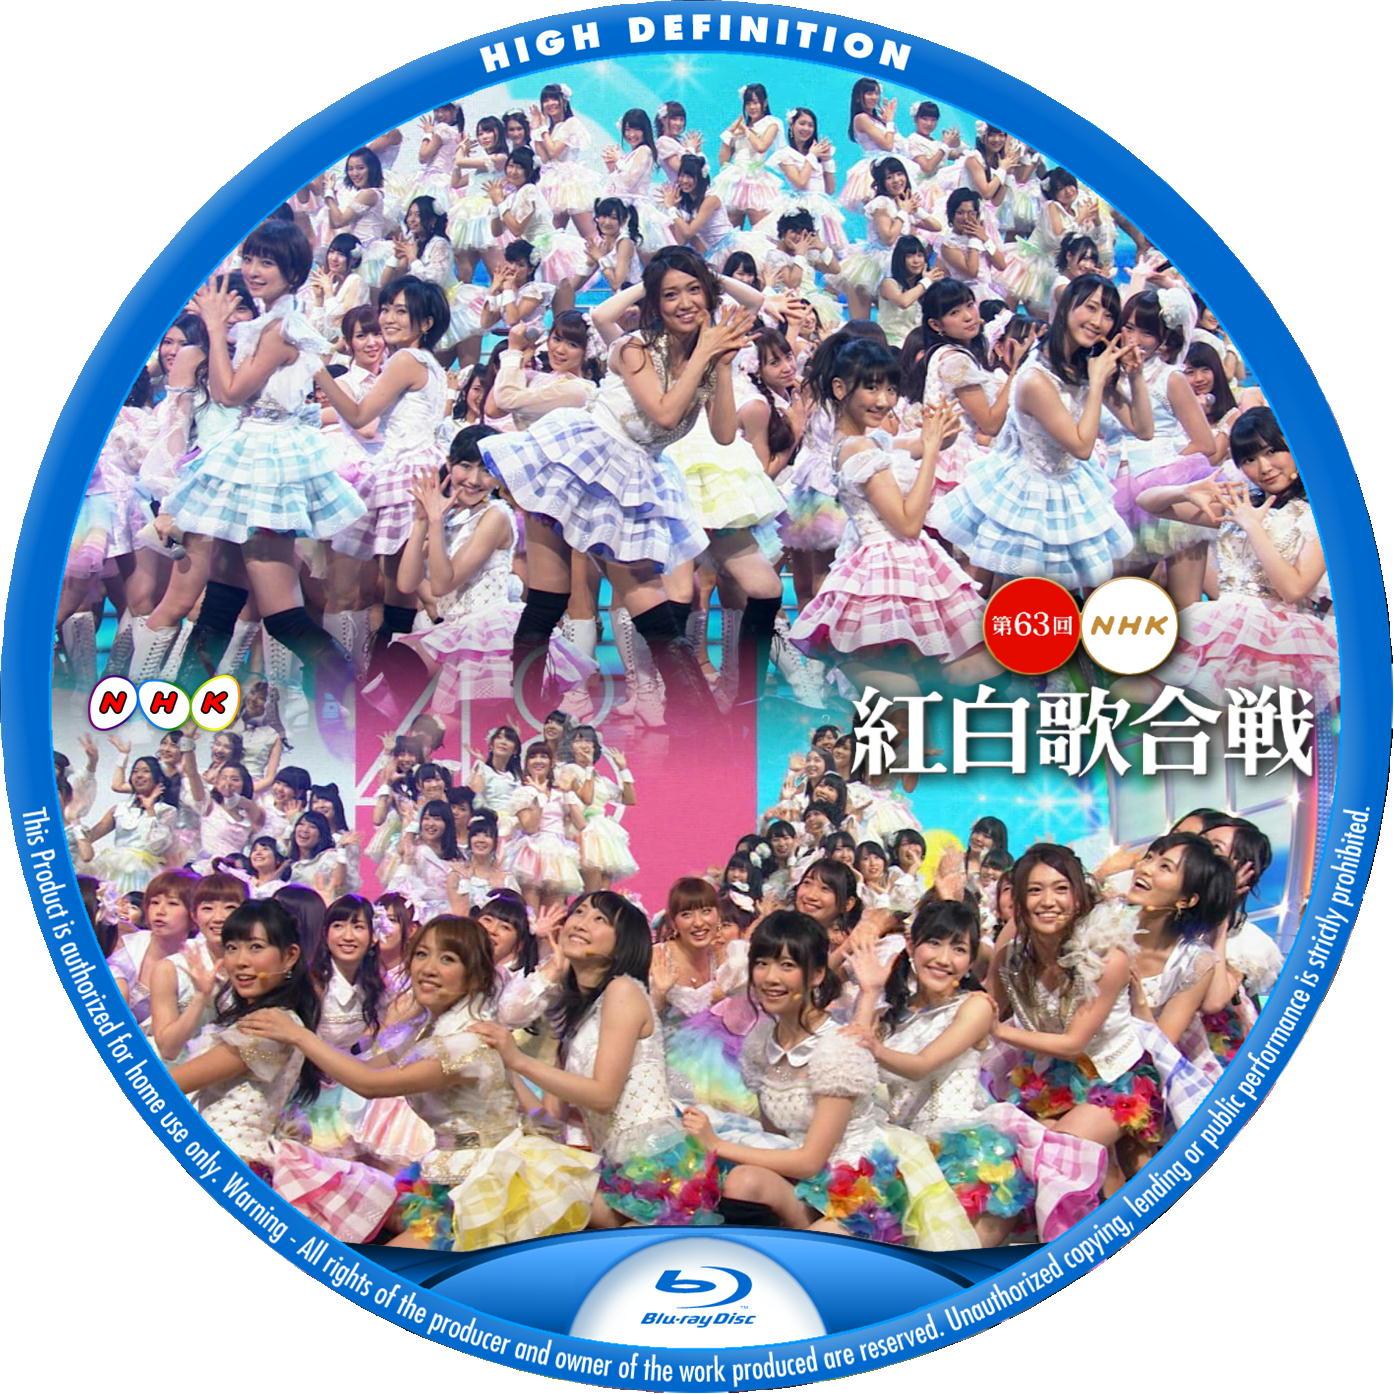 紅白歌合戦 AKB48 v2<br /> BDラベル